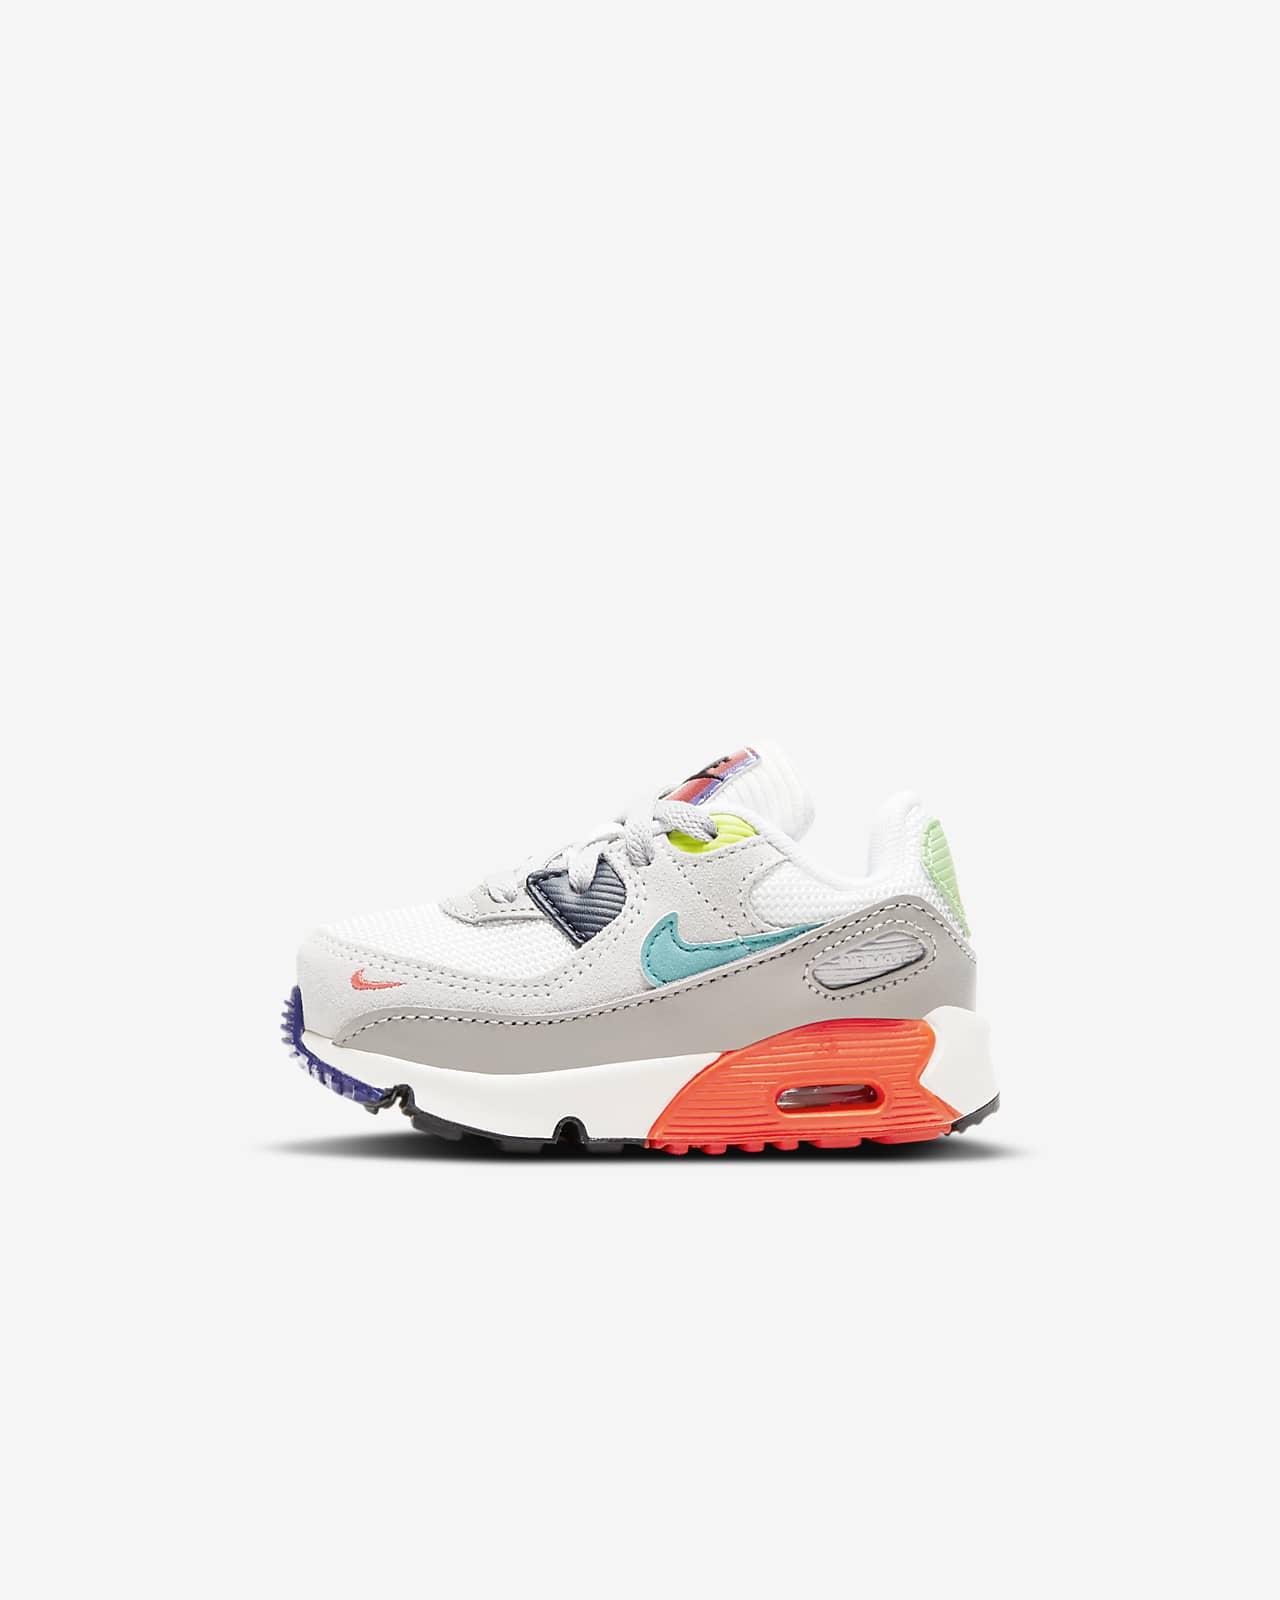 Nike Air Max EOI sko til sped-/småbarn